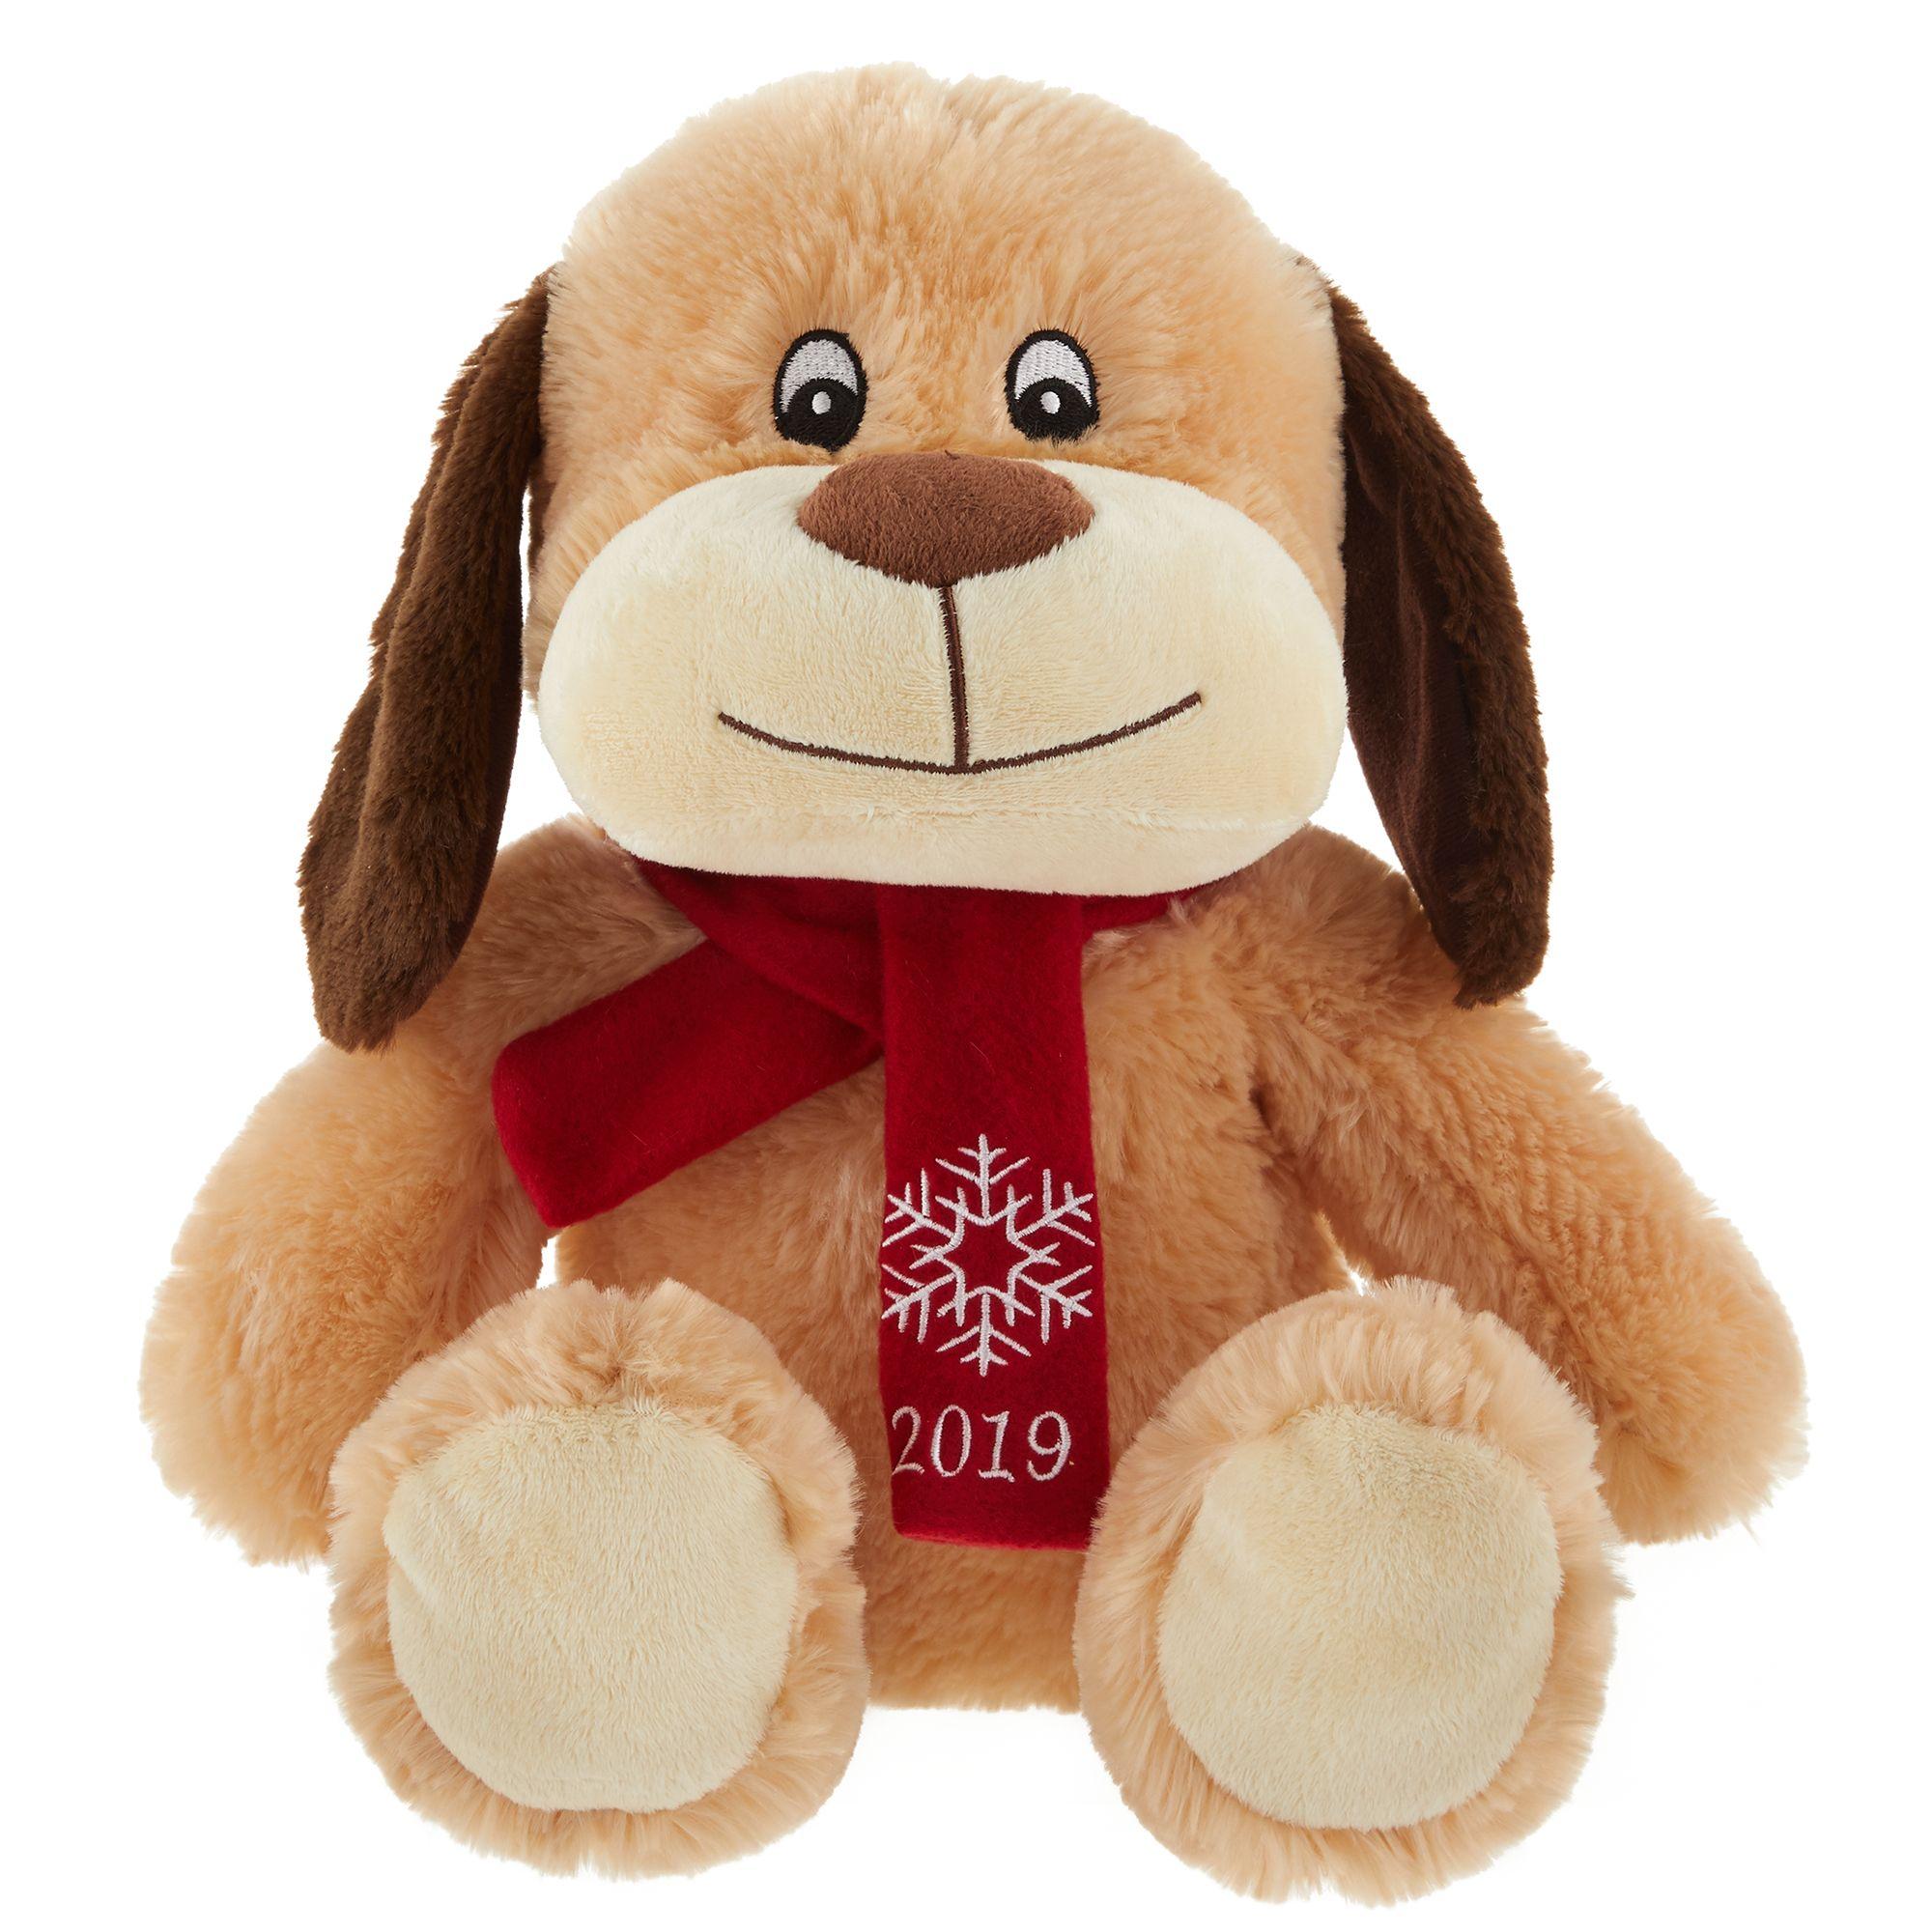 Petsmart Holiday Plush Dog Toys B&M only $2.47